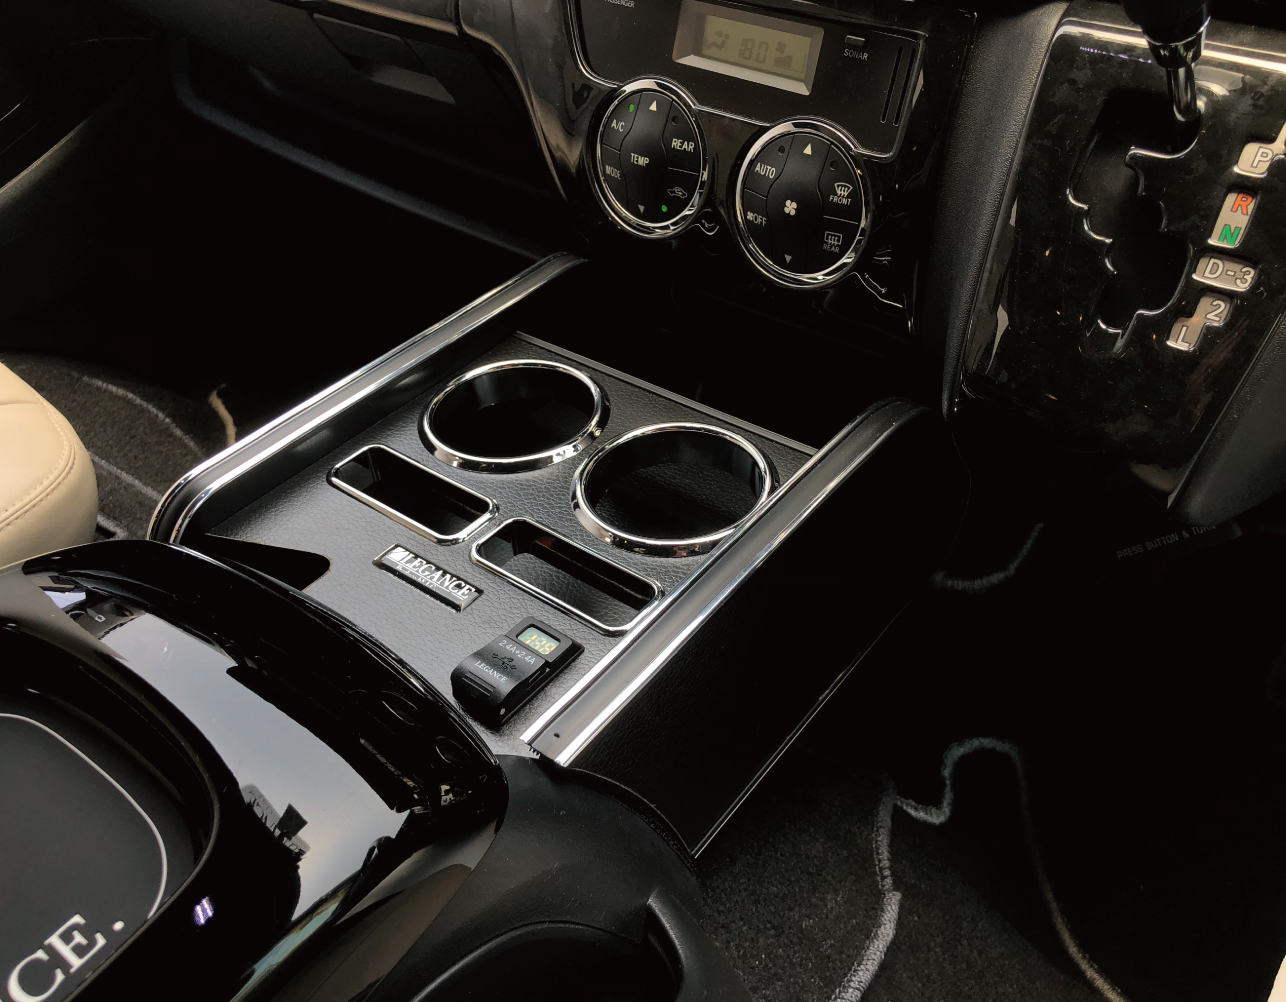 Interior CupHolder 200系ハイエース レガンス インテリアカップホルダーModel ??